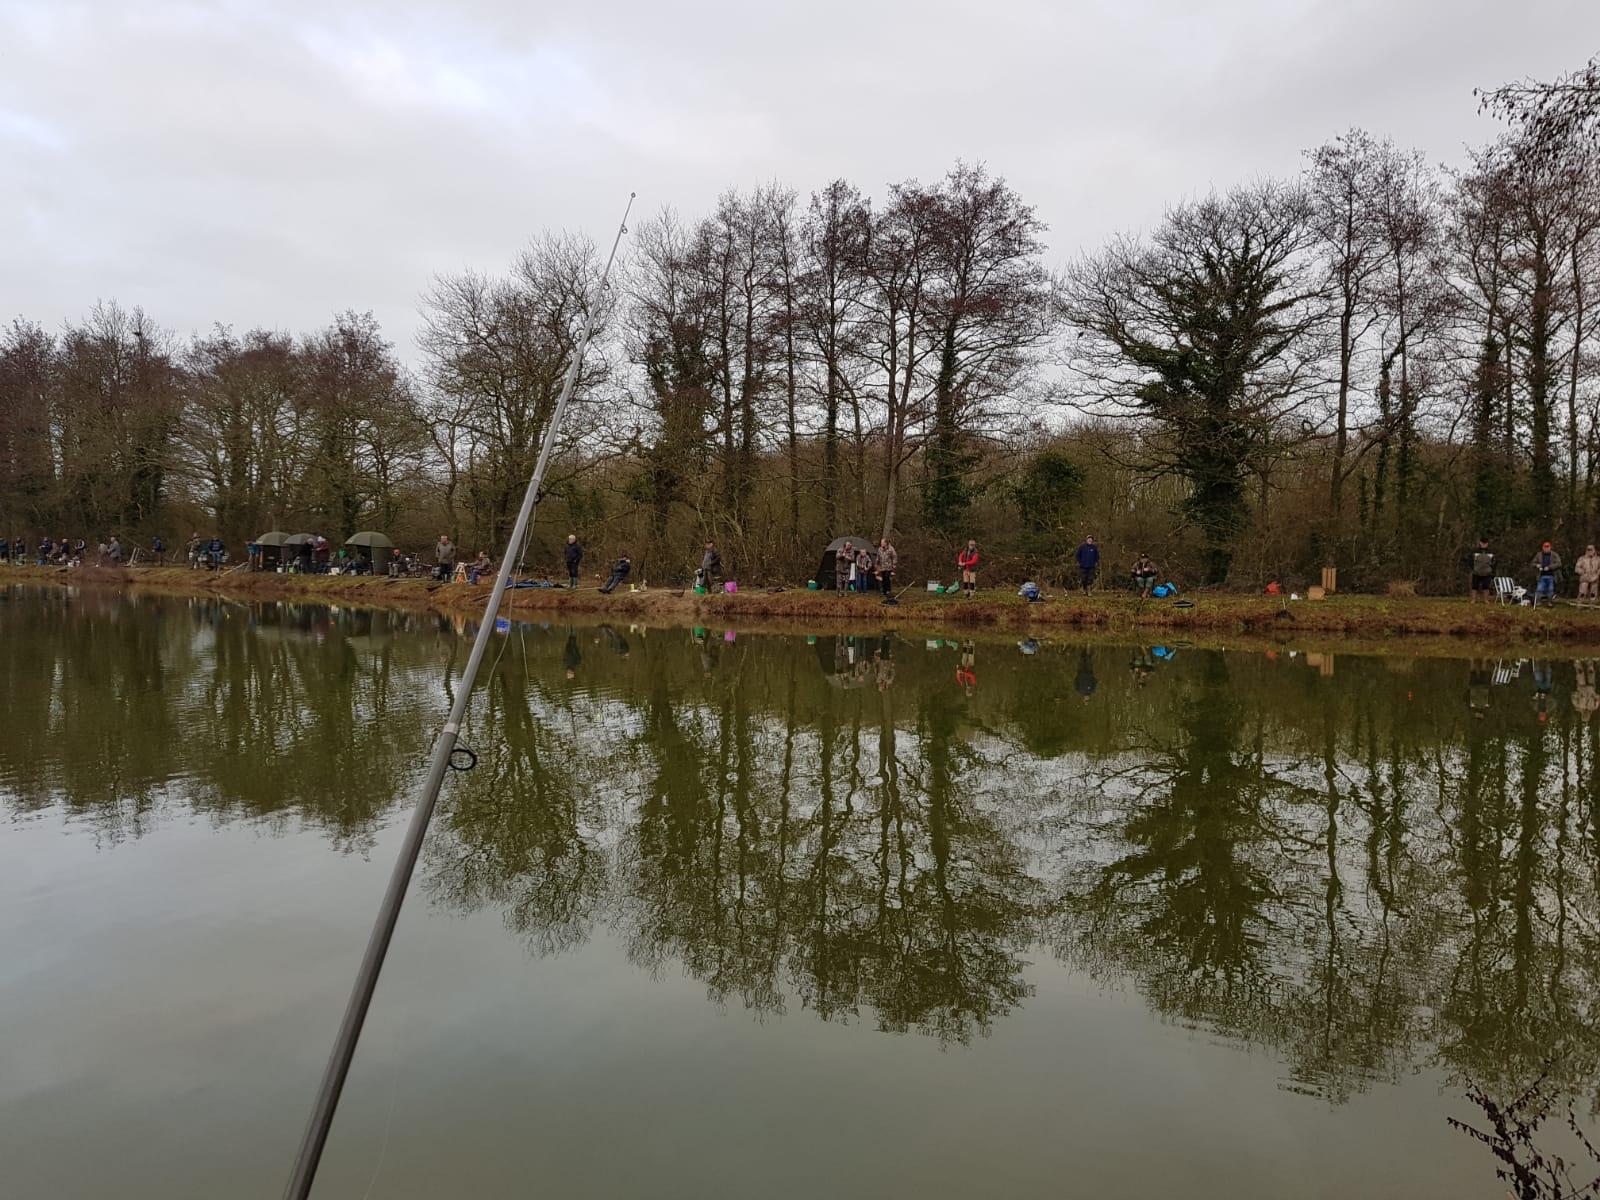 Les pêcheurs attendent le poisson avec impatience